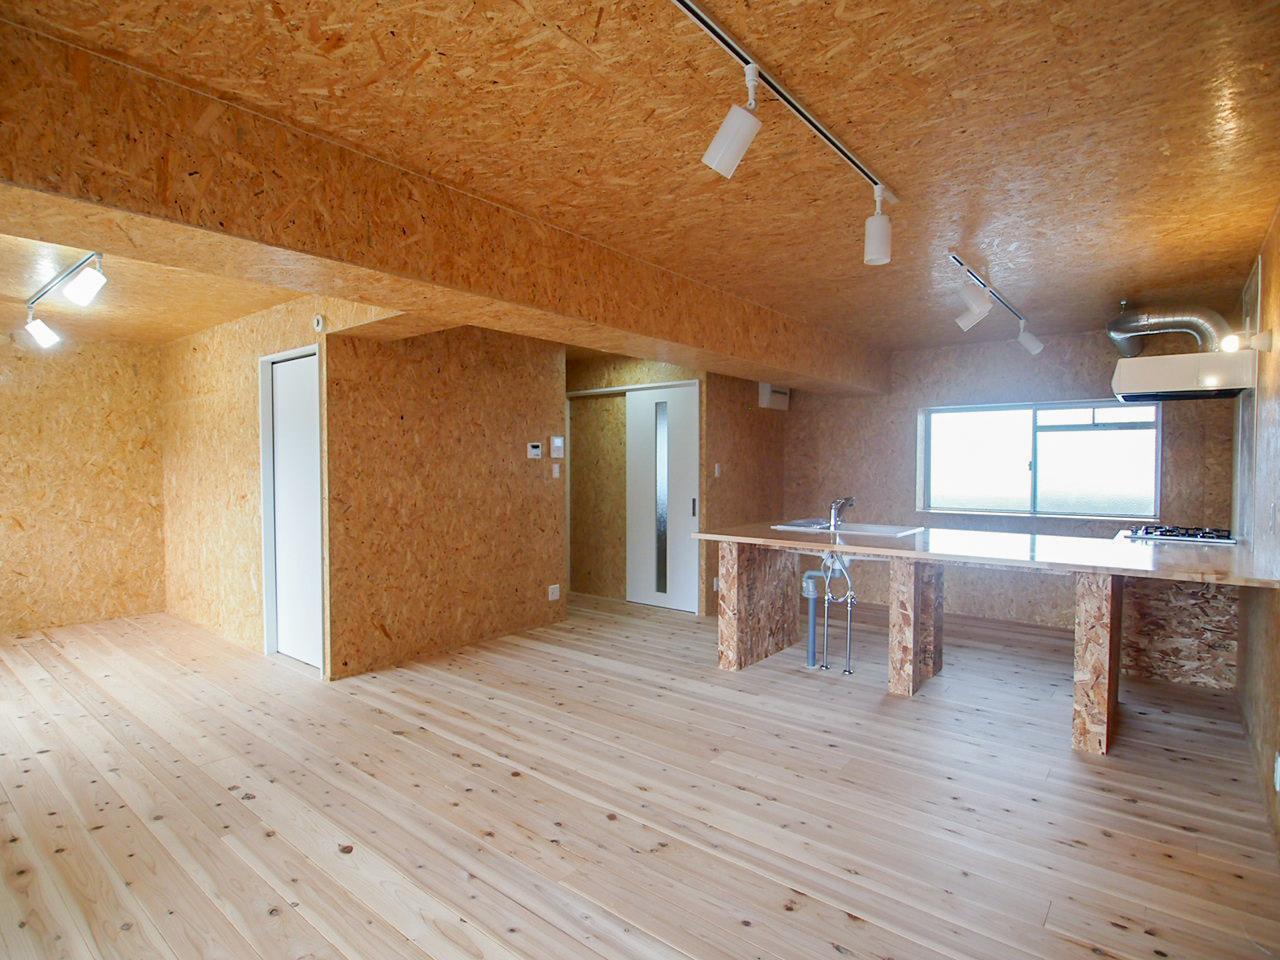 THE木質空間